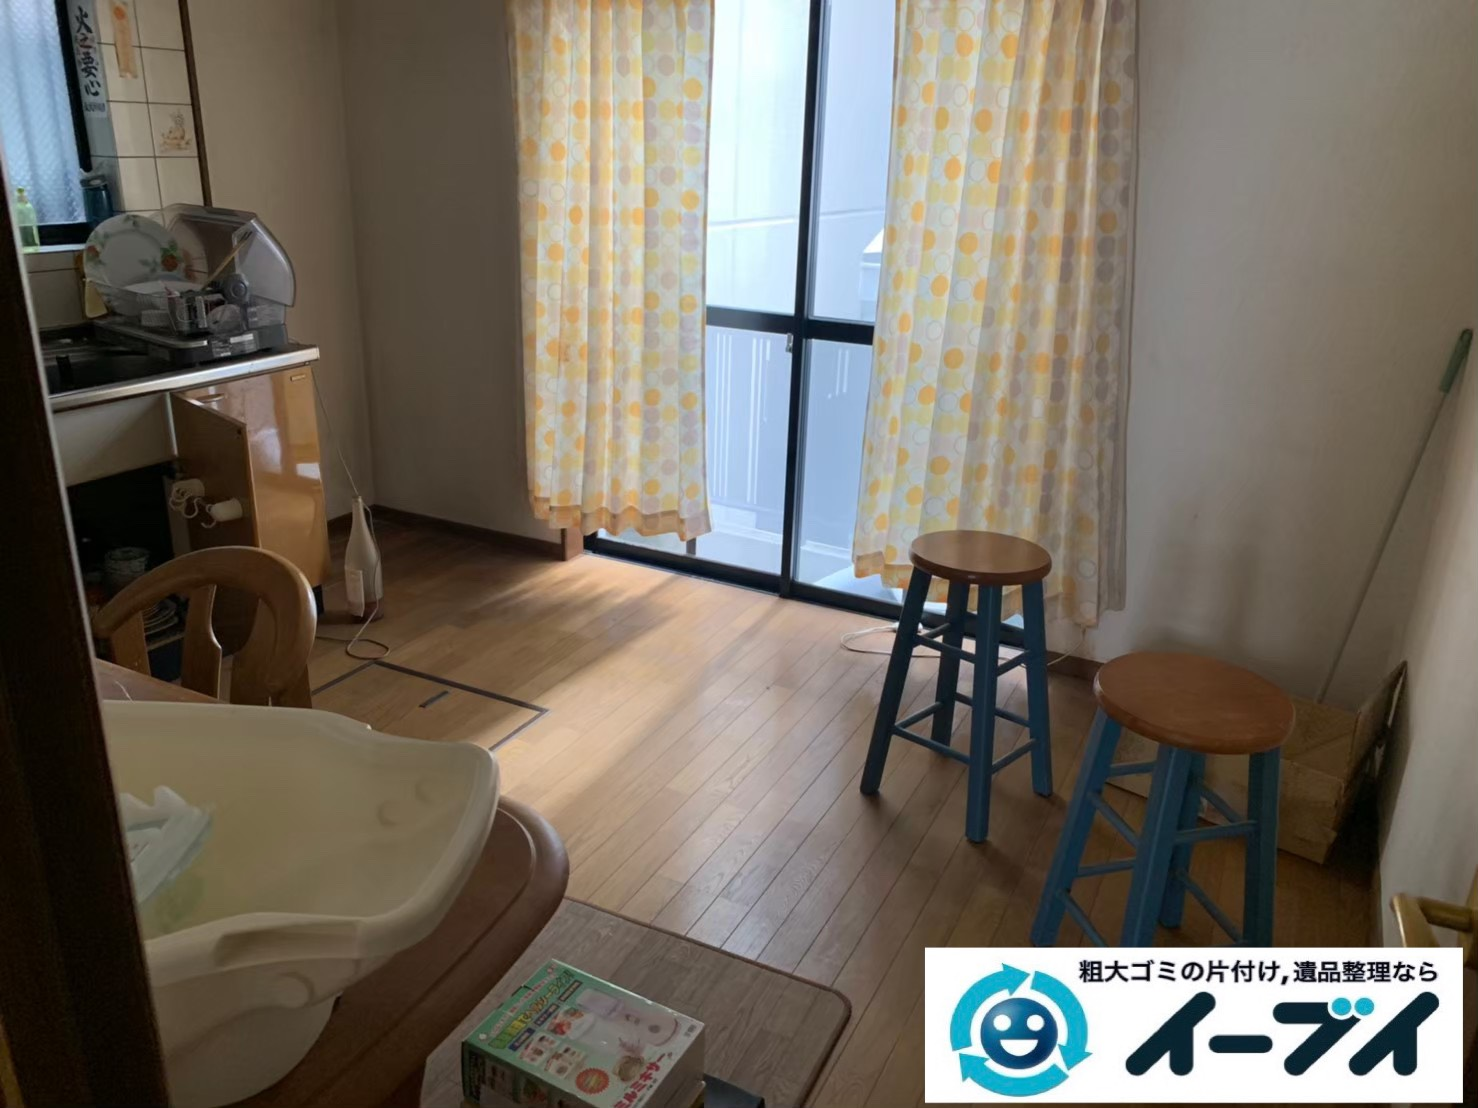 2019年12月9日大阪府泉佐野市でテーブルや椅子の家具処分、押し入れの片付け作業をさせていただきました。写真2